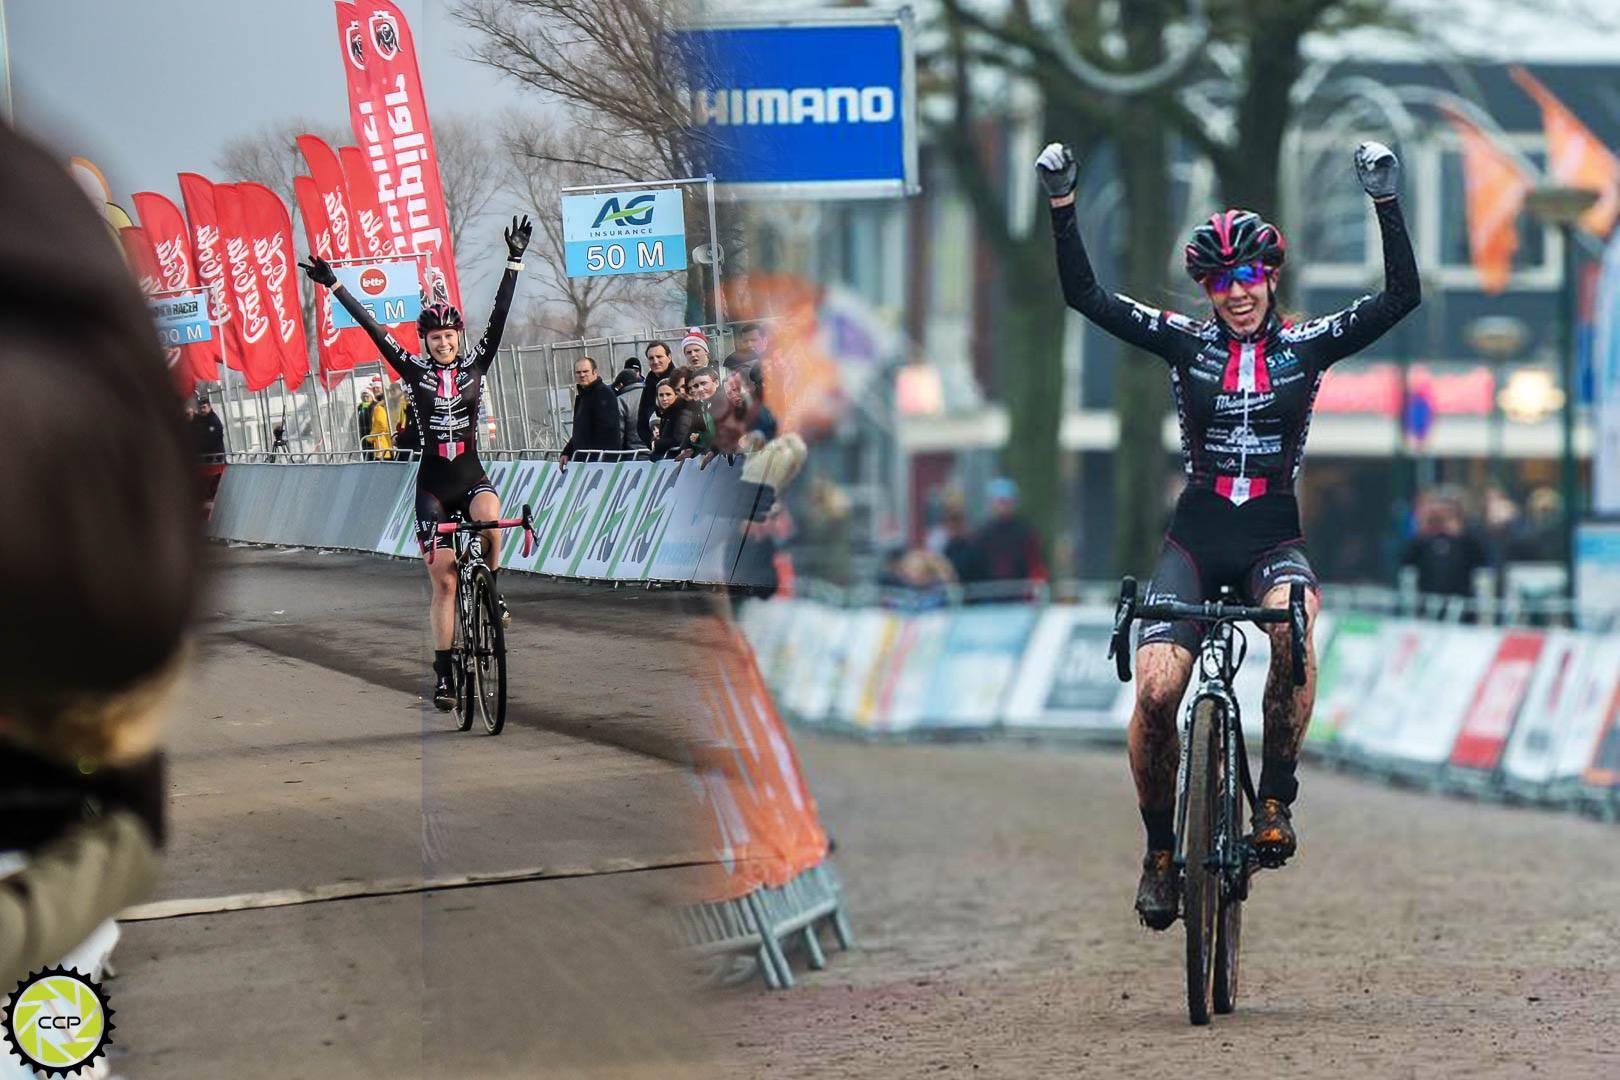 Suzanne Verhoeven en Shirin van Anrooij pakken Nationale titel veldrijden